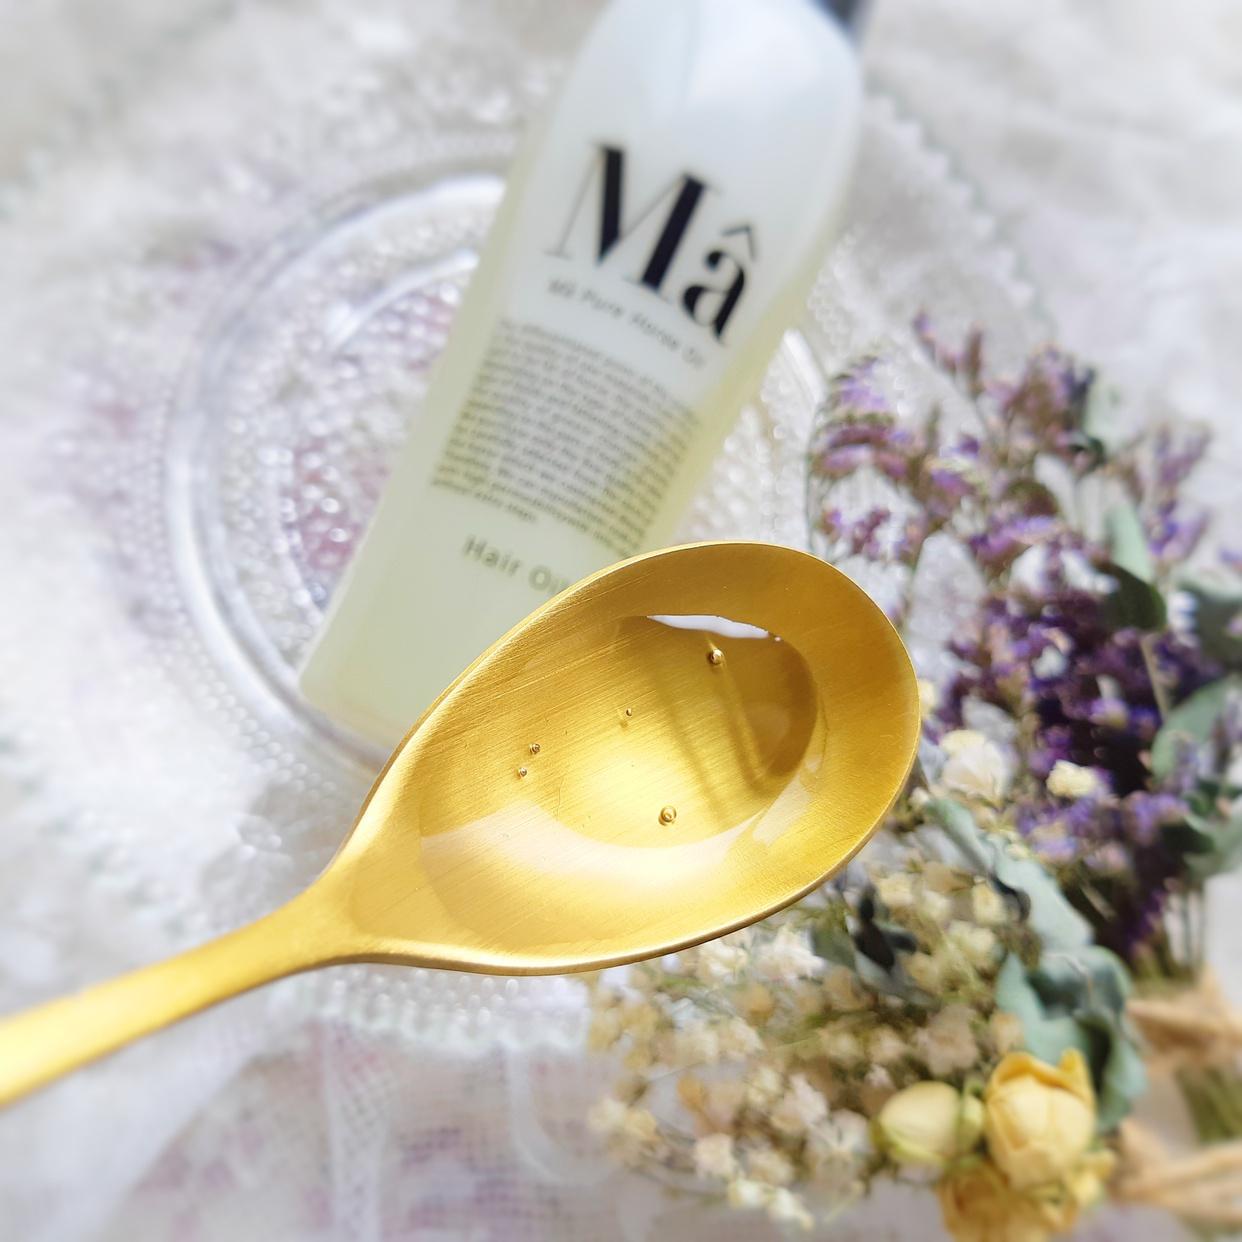 MA(エムエー) ヘアオイルを使った銀麦さんのクチコミ画像3